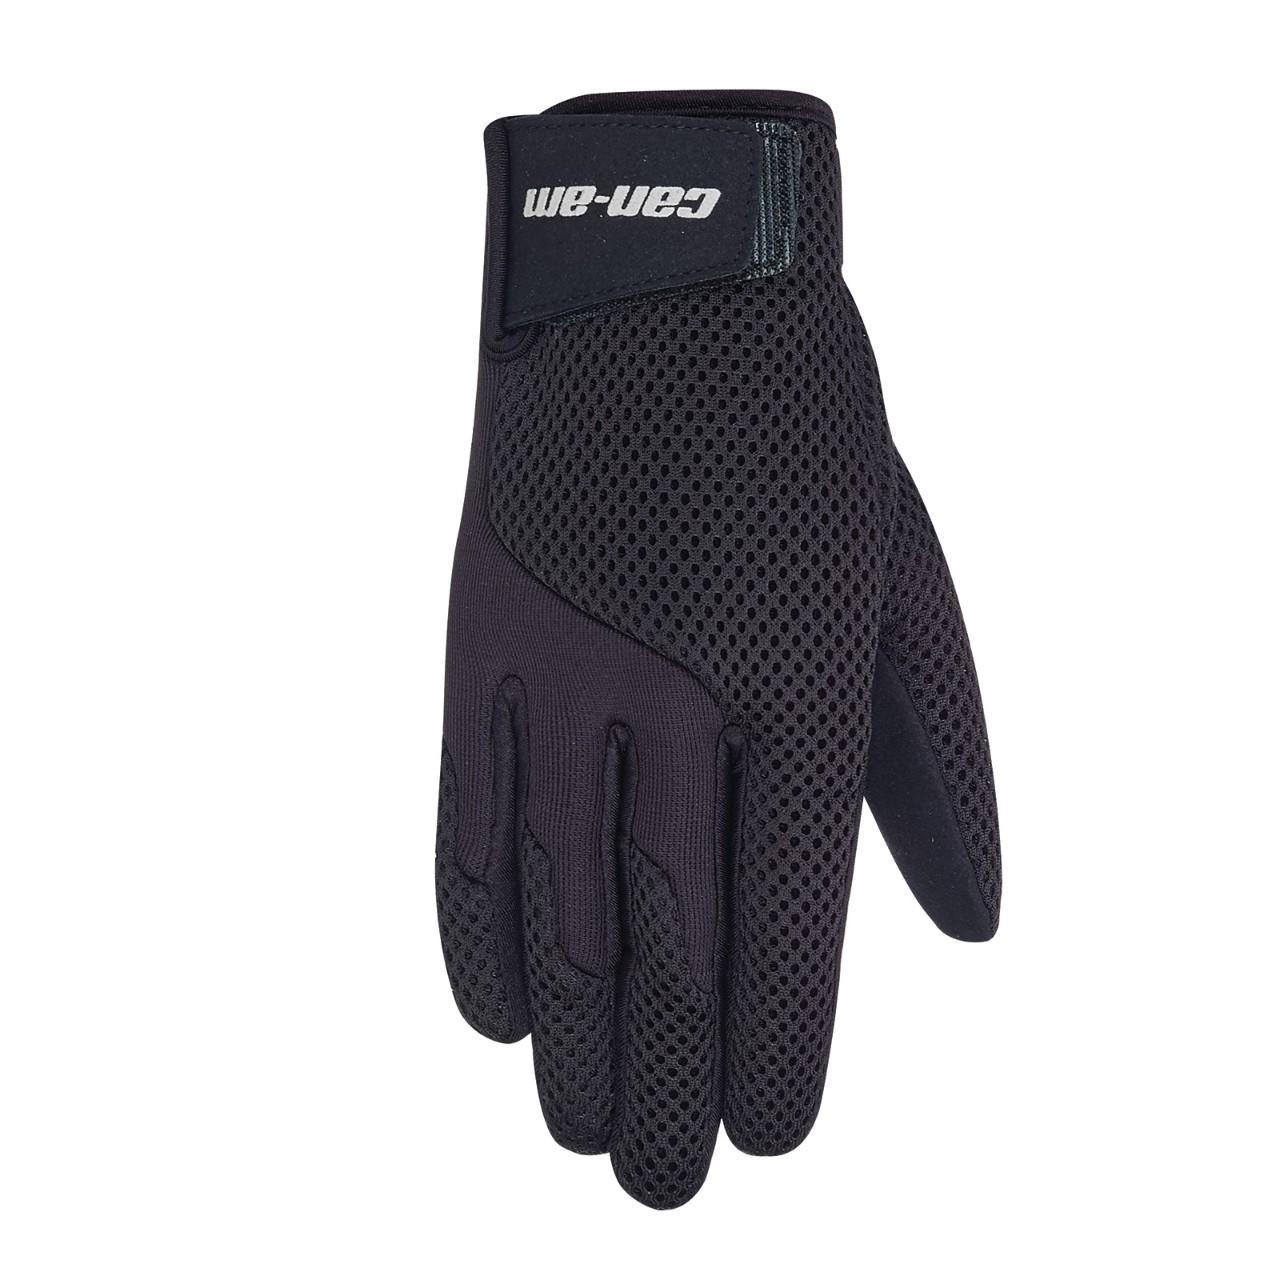 Veste et gants Can-Am Cq5dam.web.1280.1280